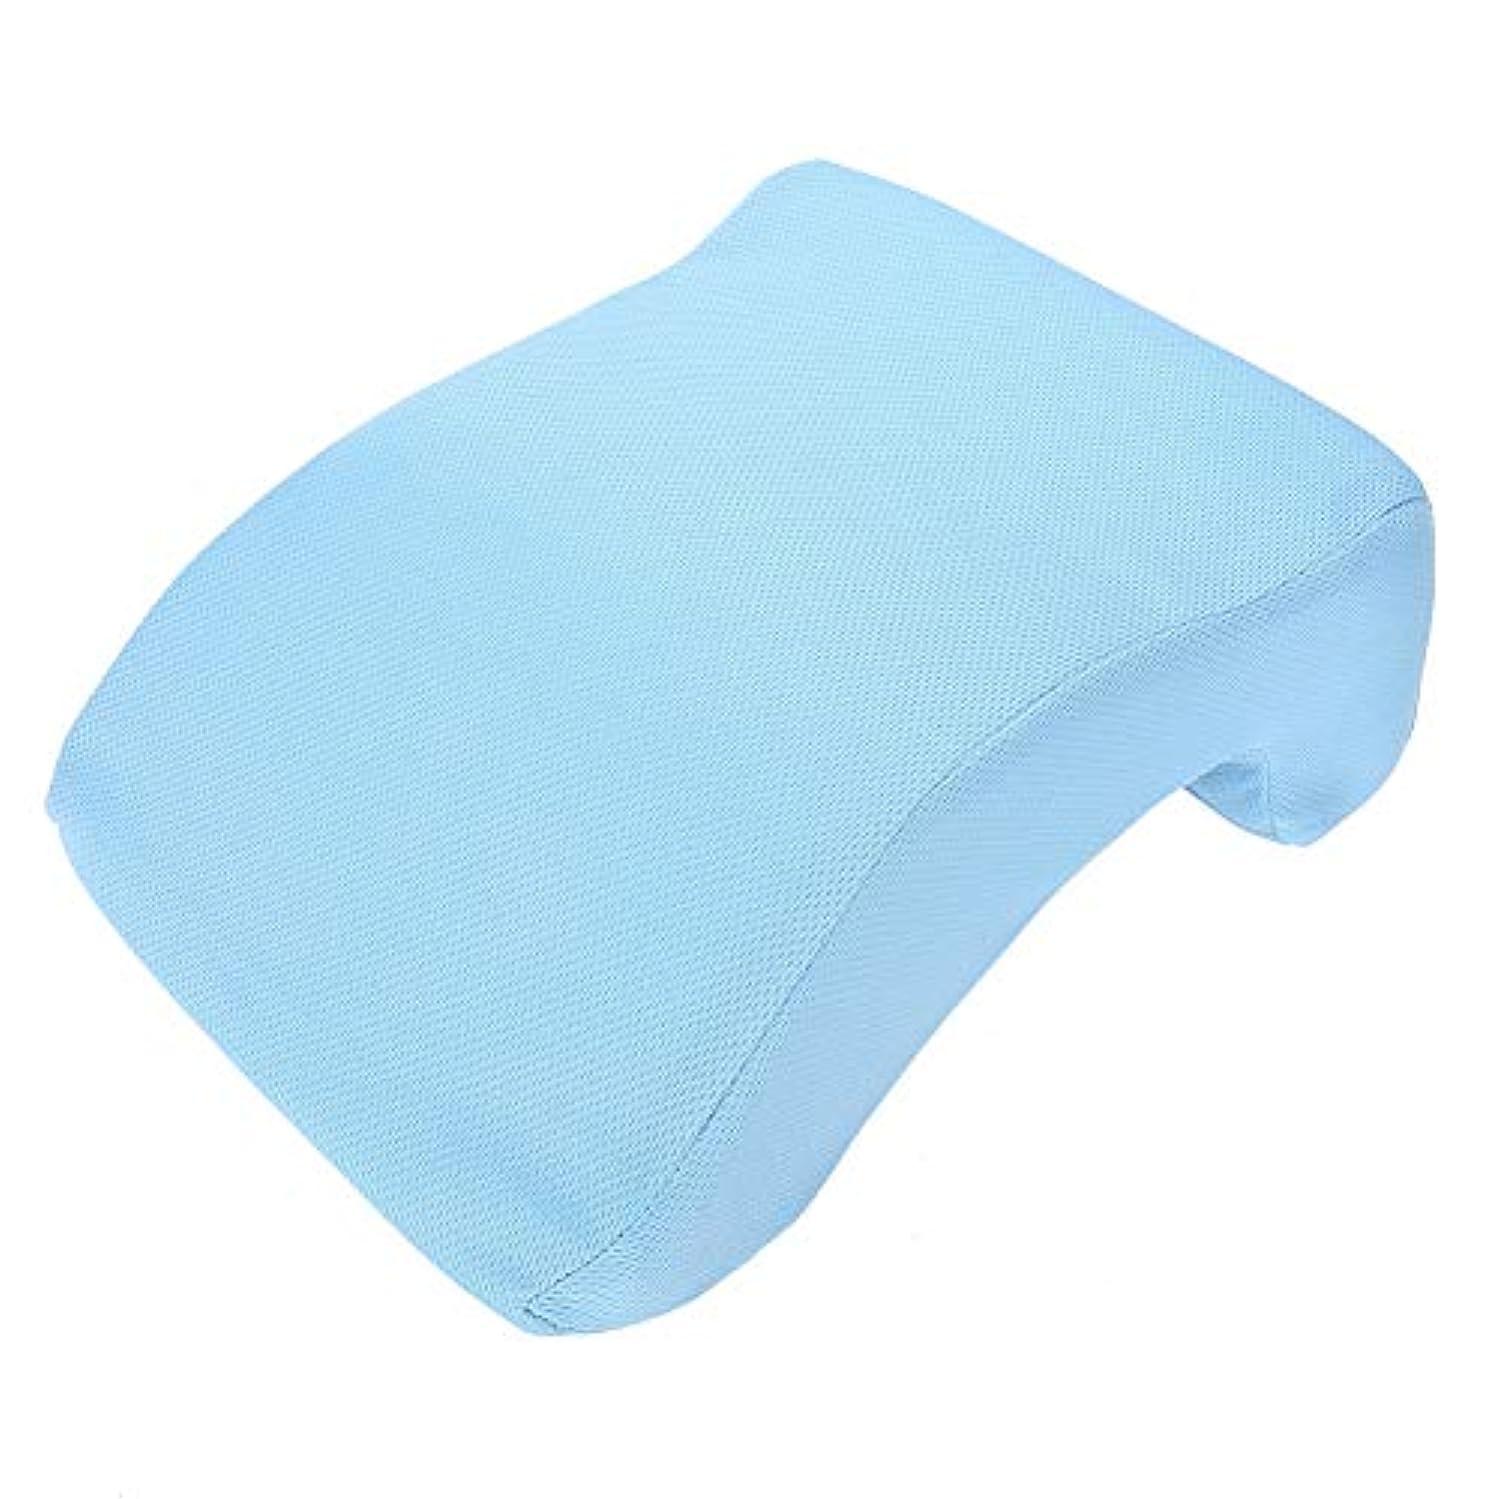 させる緩める危機低反発まくら ピロー マッサージ枕 首?頭?肩をやさしく支える 安眠枕 快眠グッズ 柔らかい 洗えるやすい